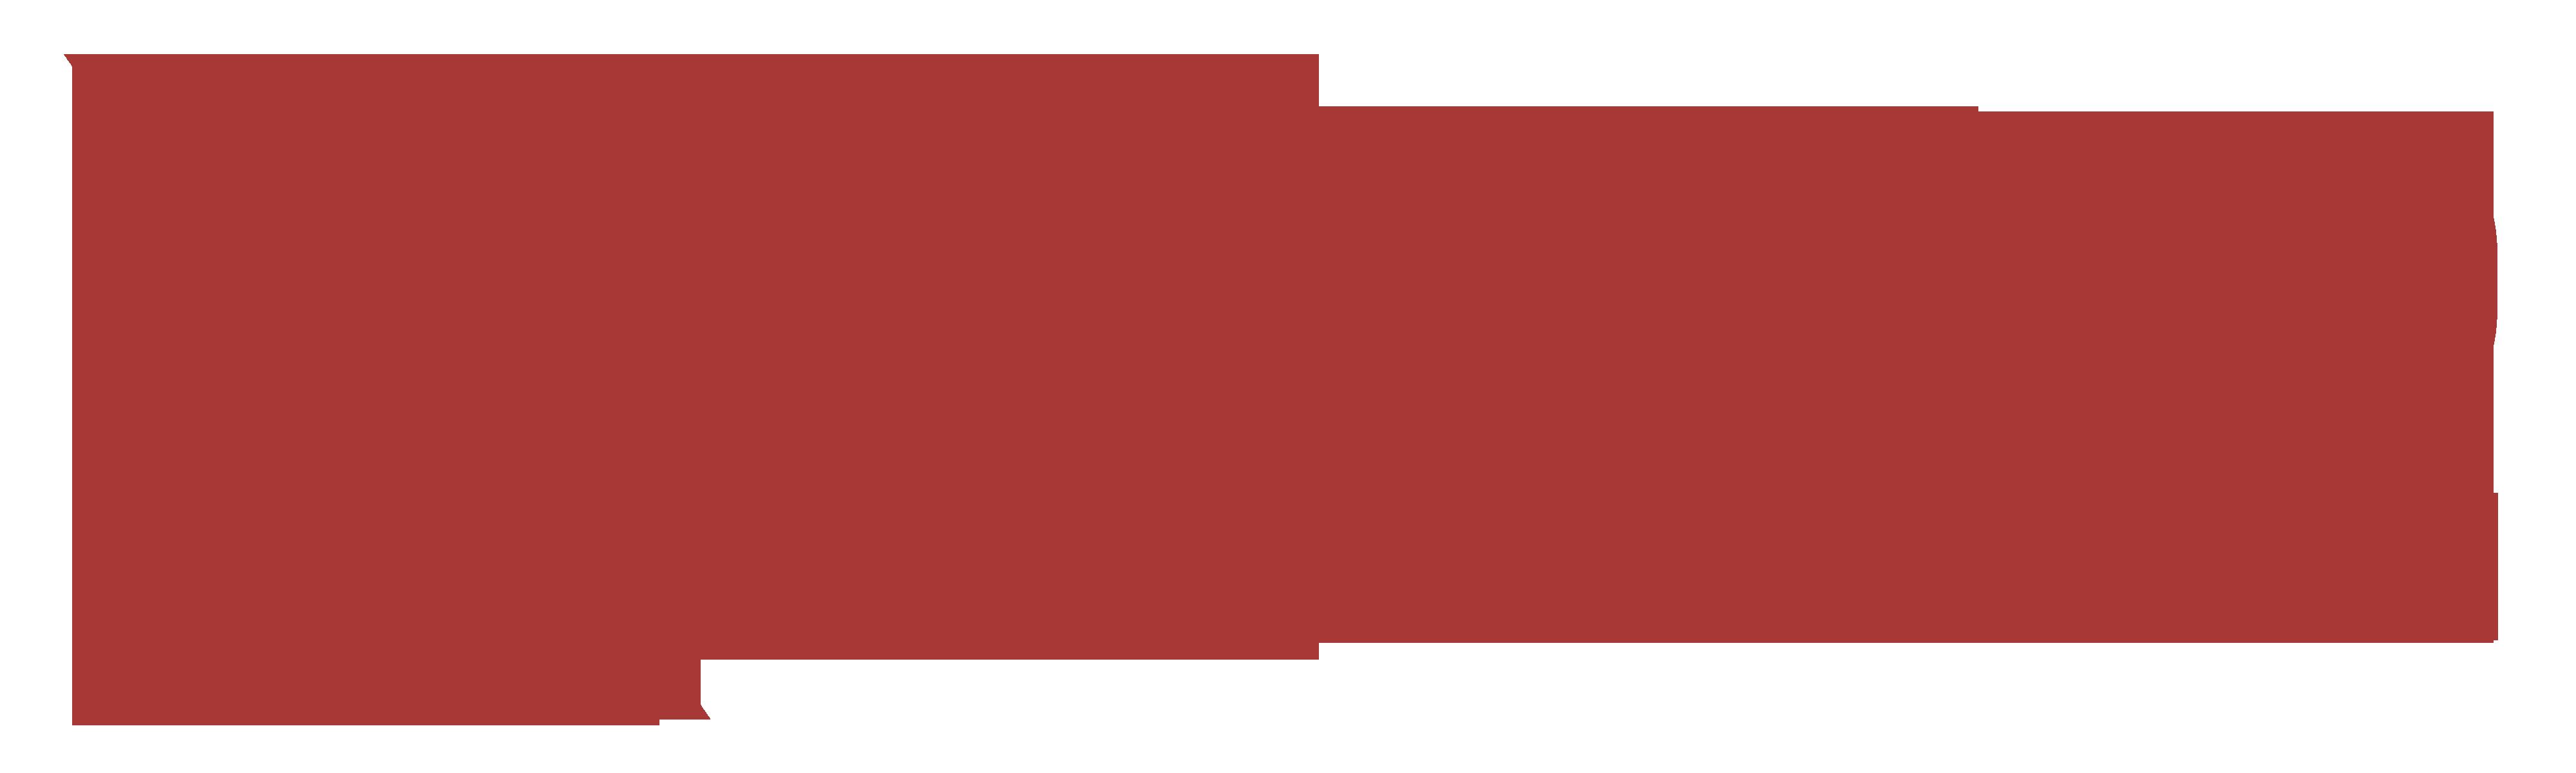 Nomad Communication